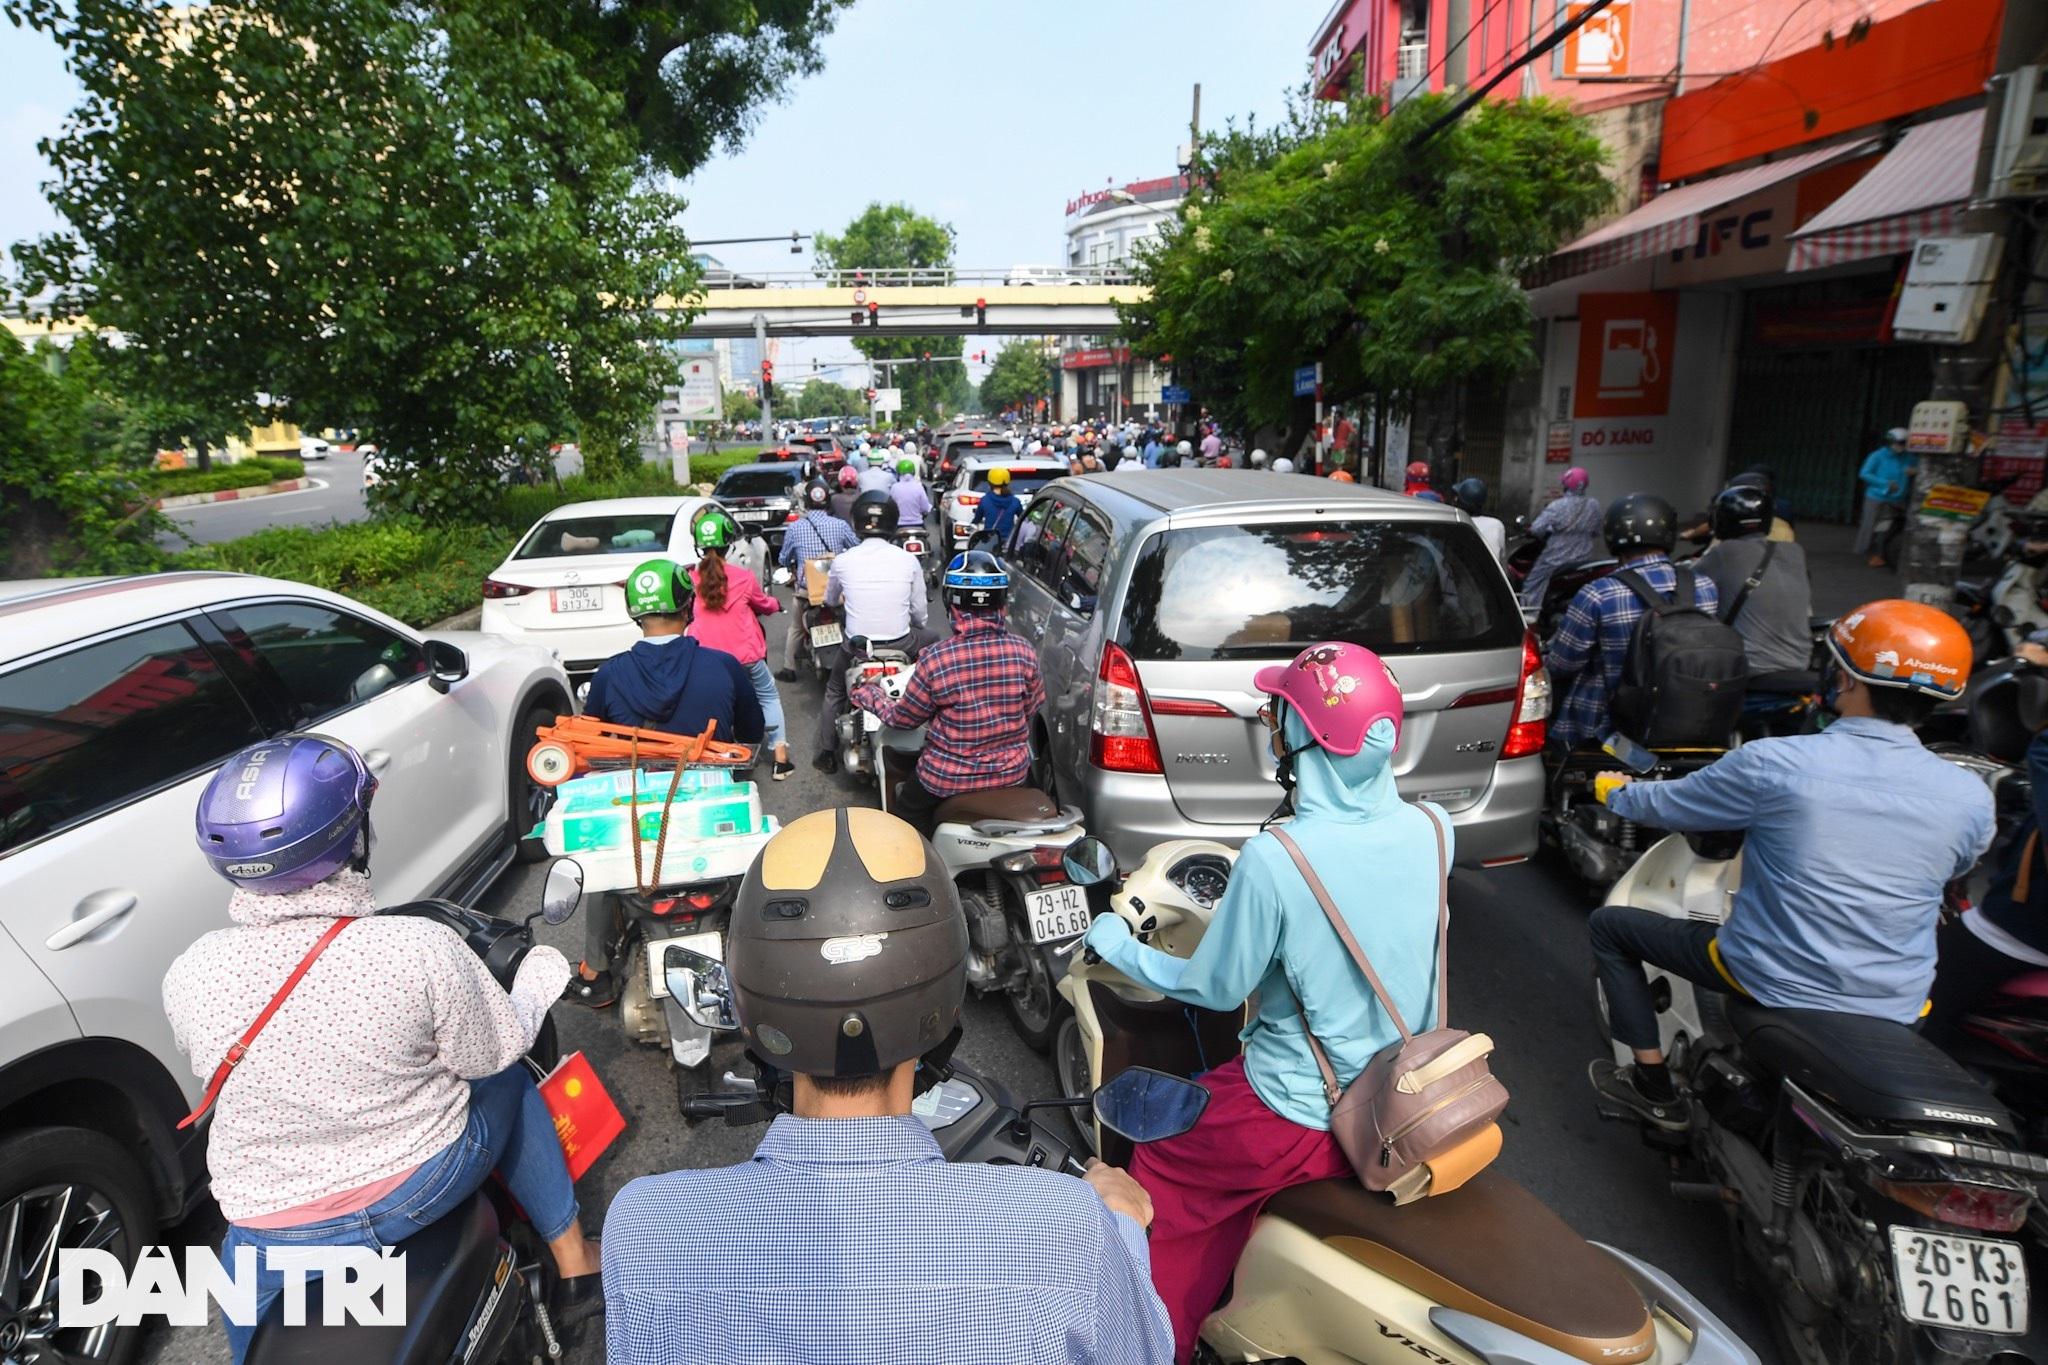 Đường phố tấp nập xe cộ sau khi TP Hà Nội bỏ quy định giấy đi đường - 12